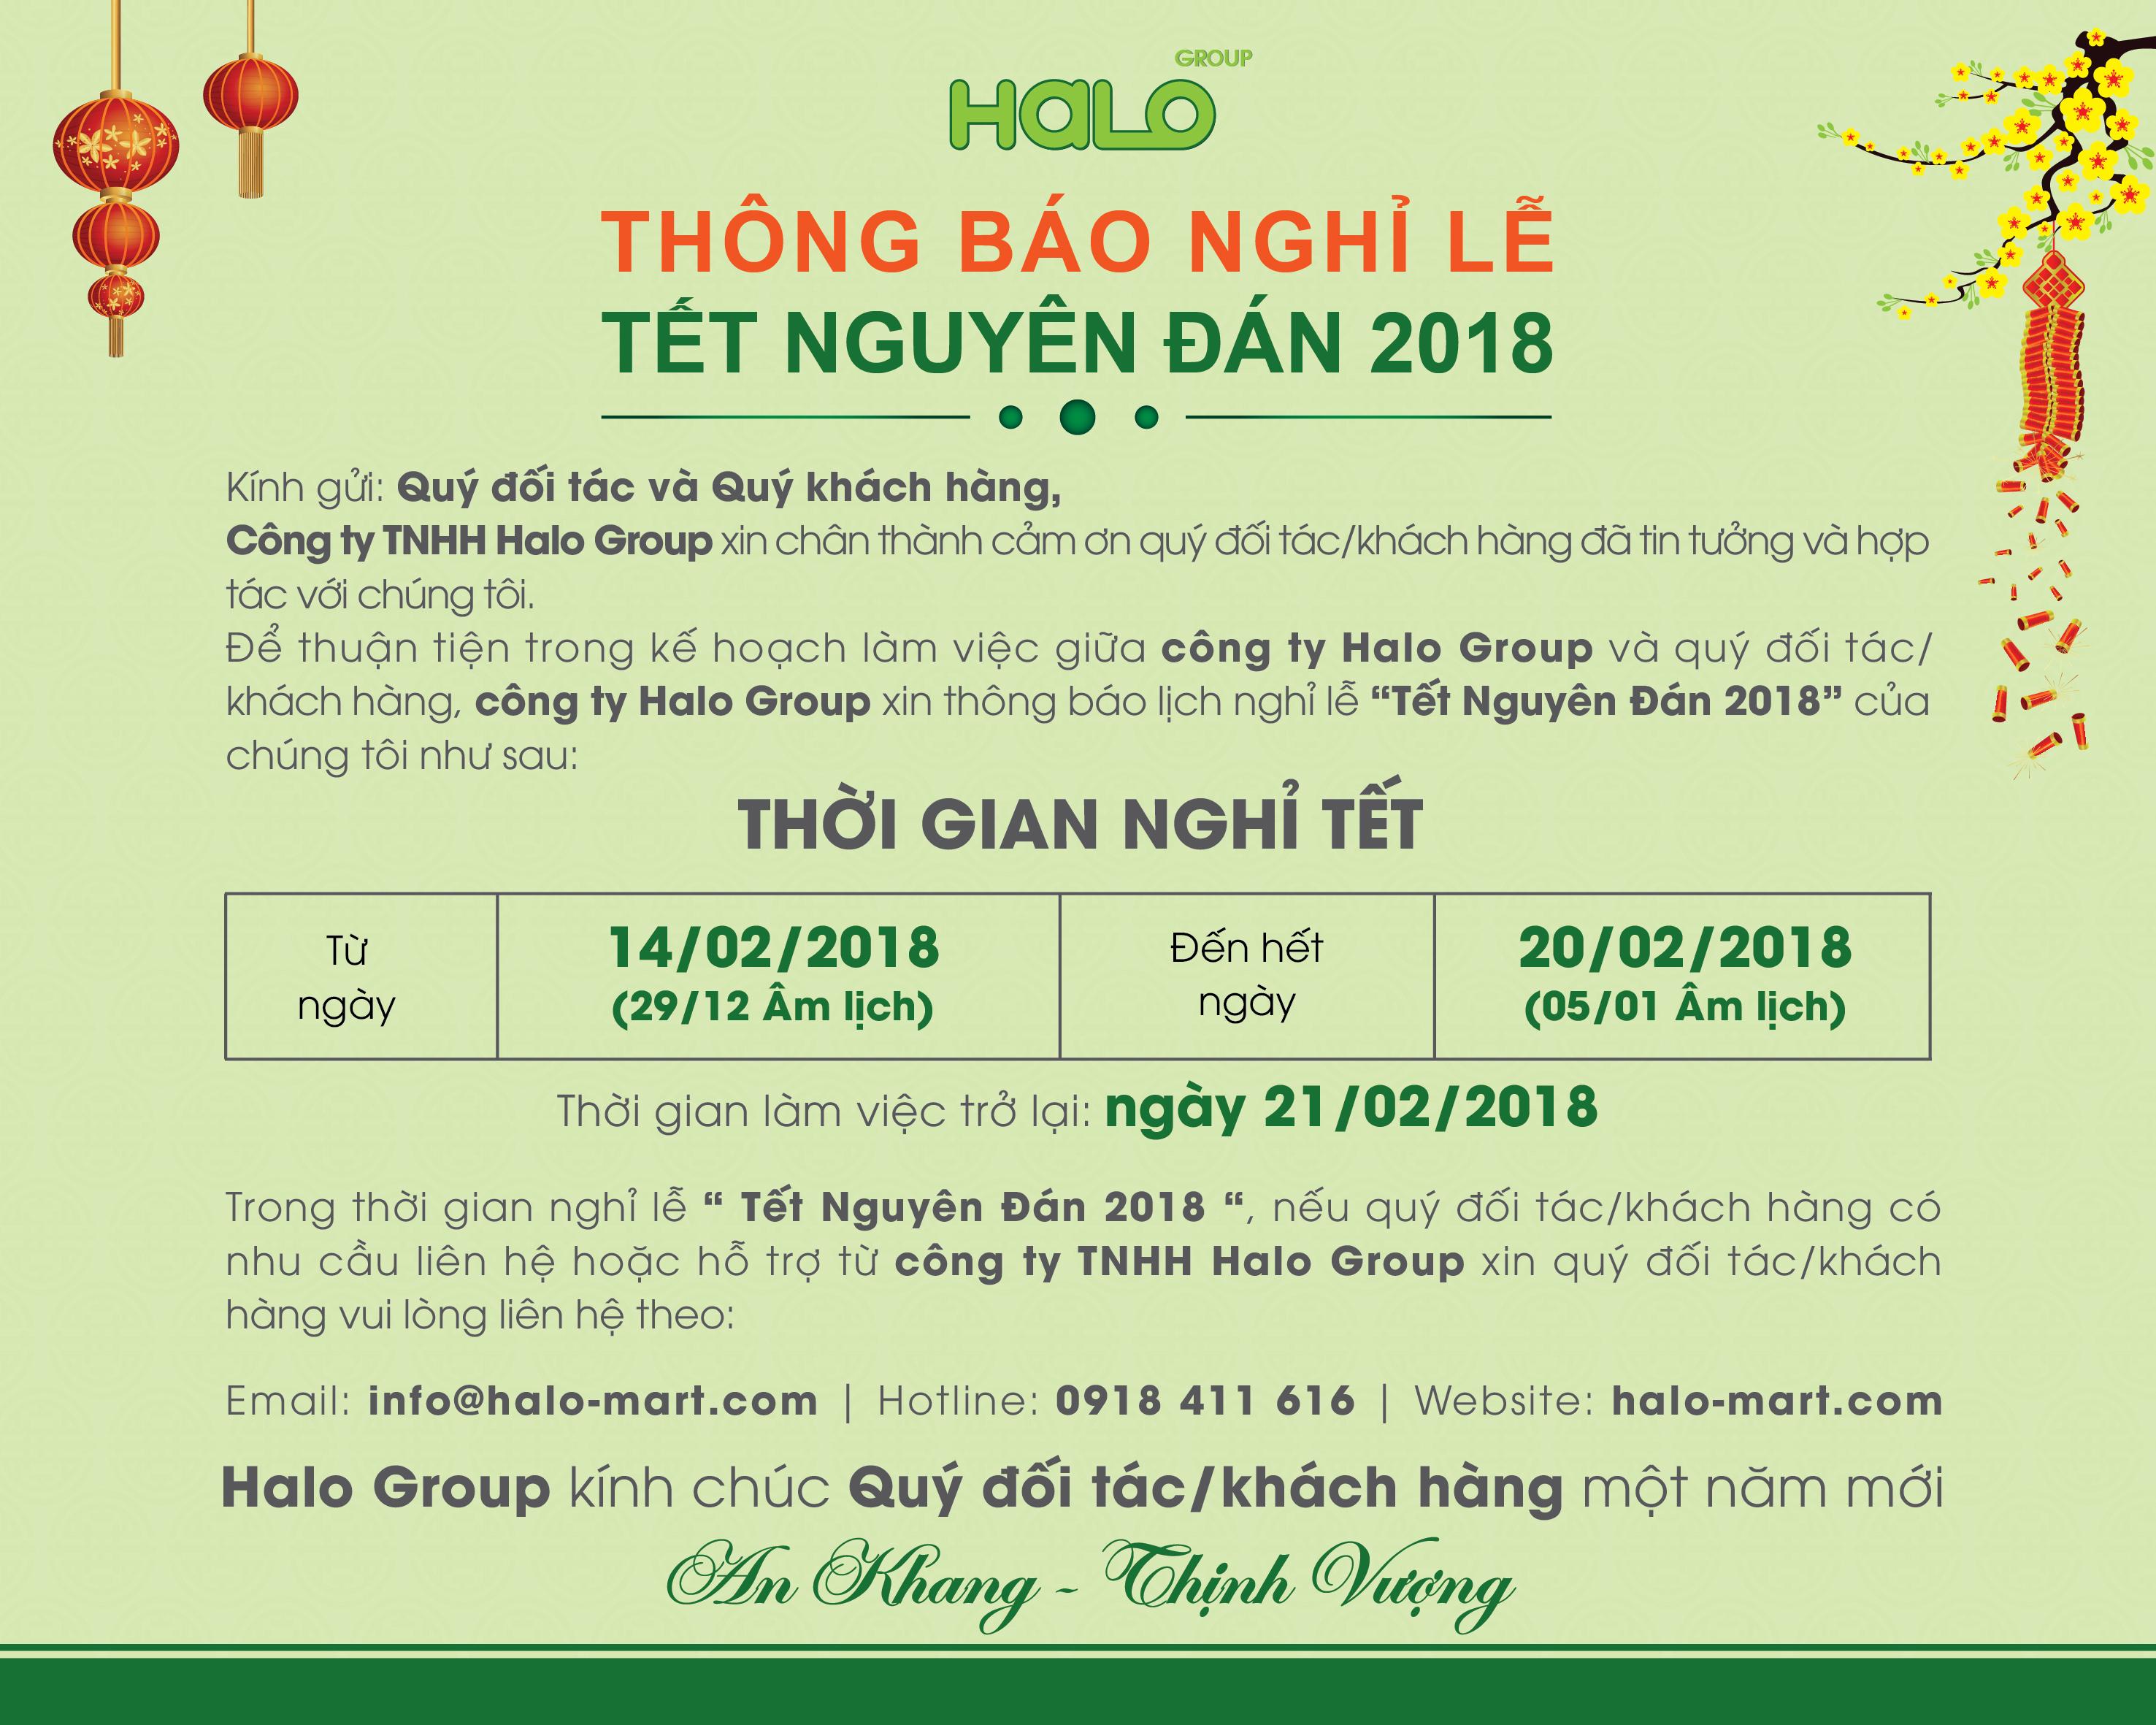 HALO GROUP thông báo lịch nghỉ Tết Nguyên Đán 2018